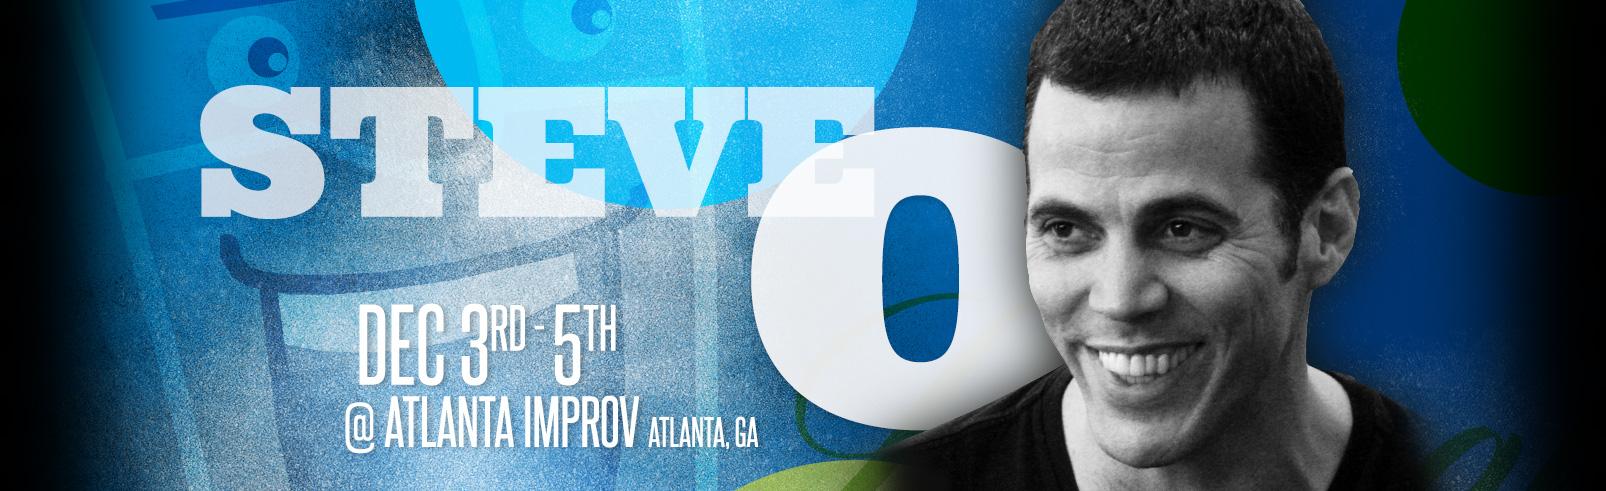 Steve-O @ Atlanta Improv